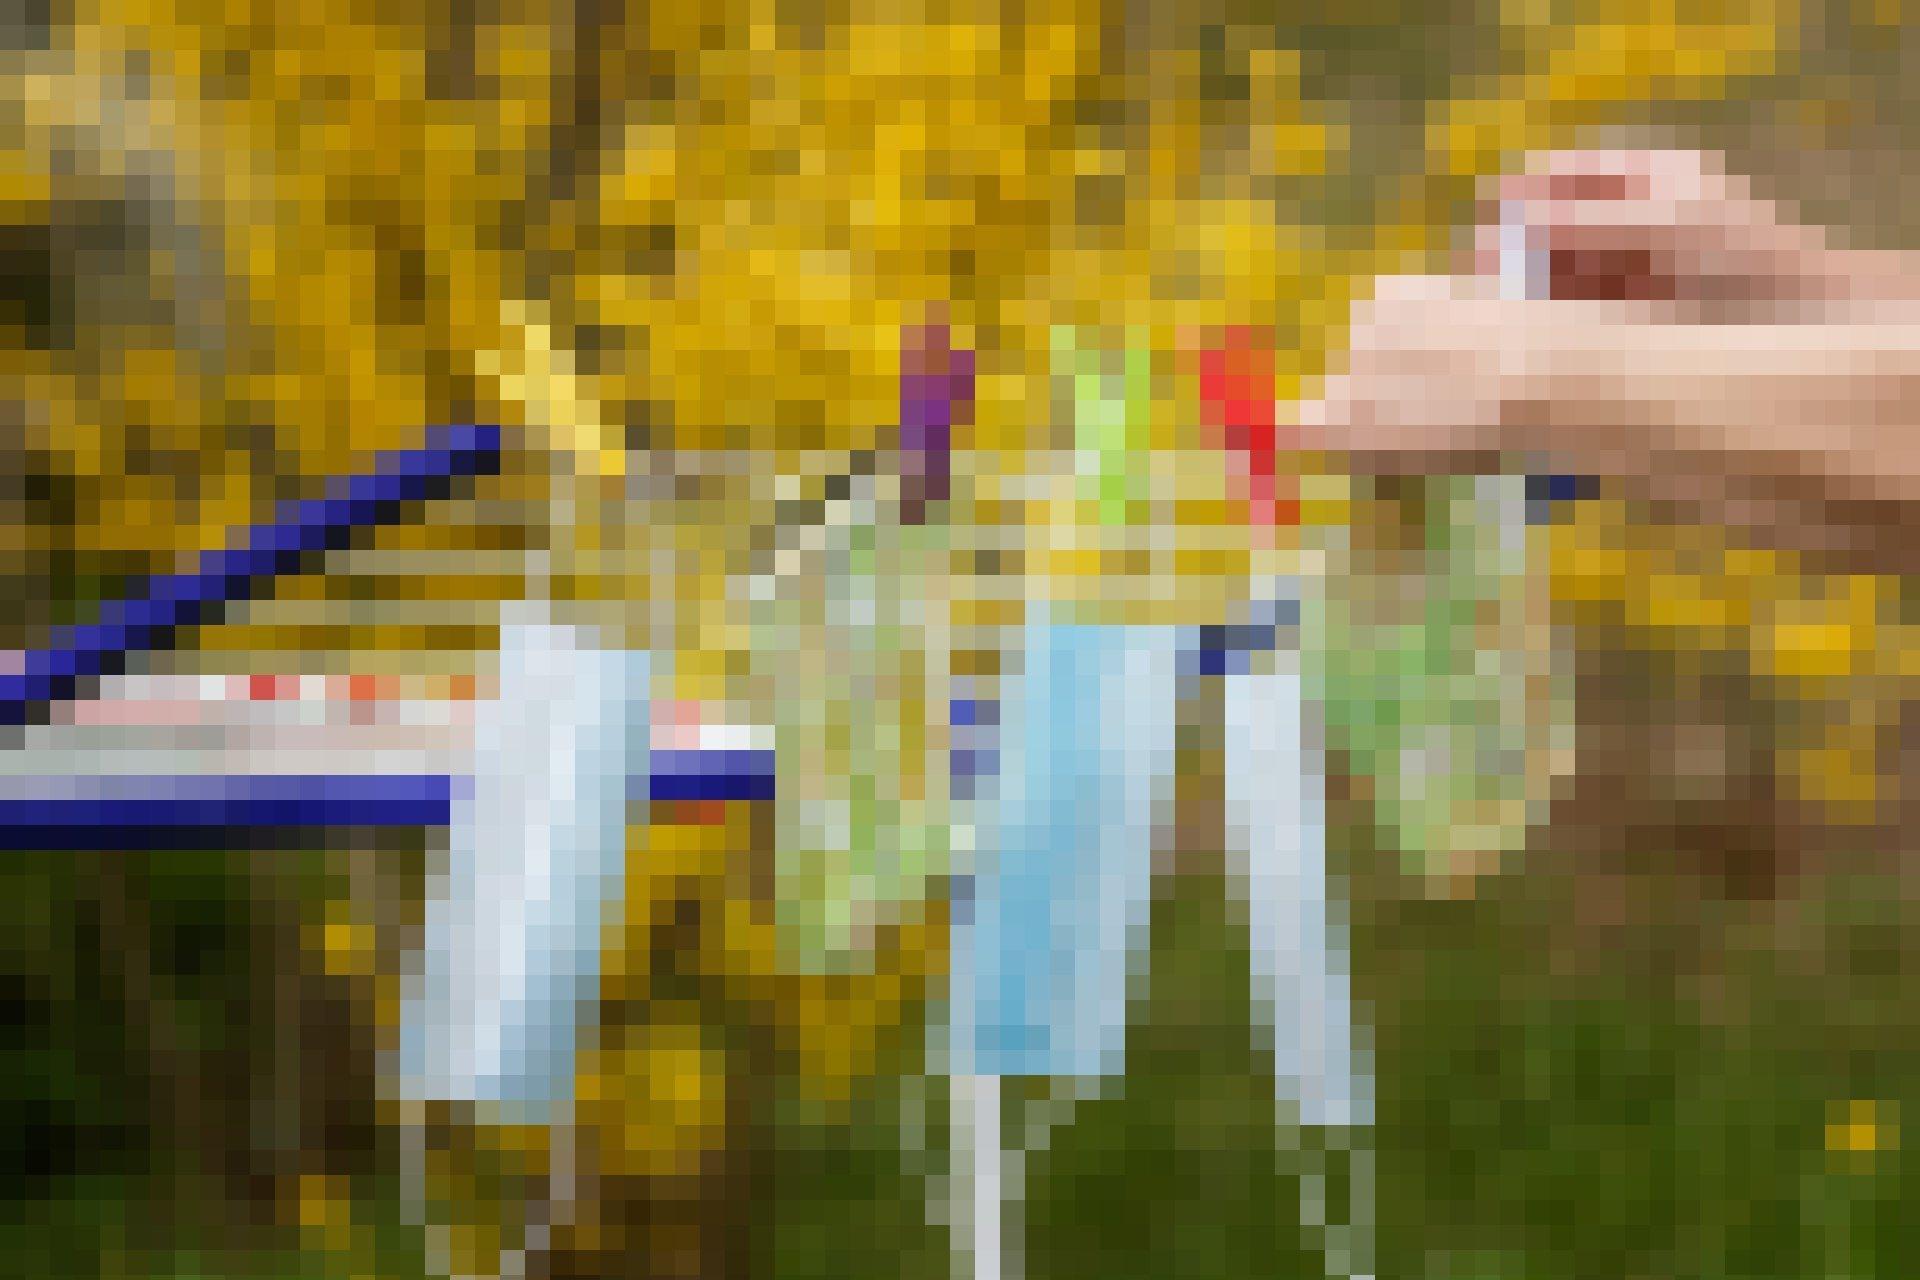 Ein Wäschständer, der draußen steht, mit Wäscheklammern und einigen zum Trocknen aufgehängten Mund-Nase-Schutz, Masken.